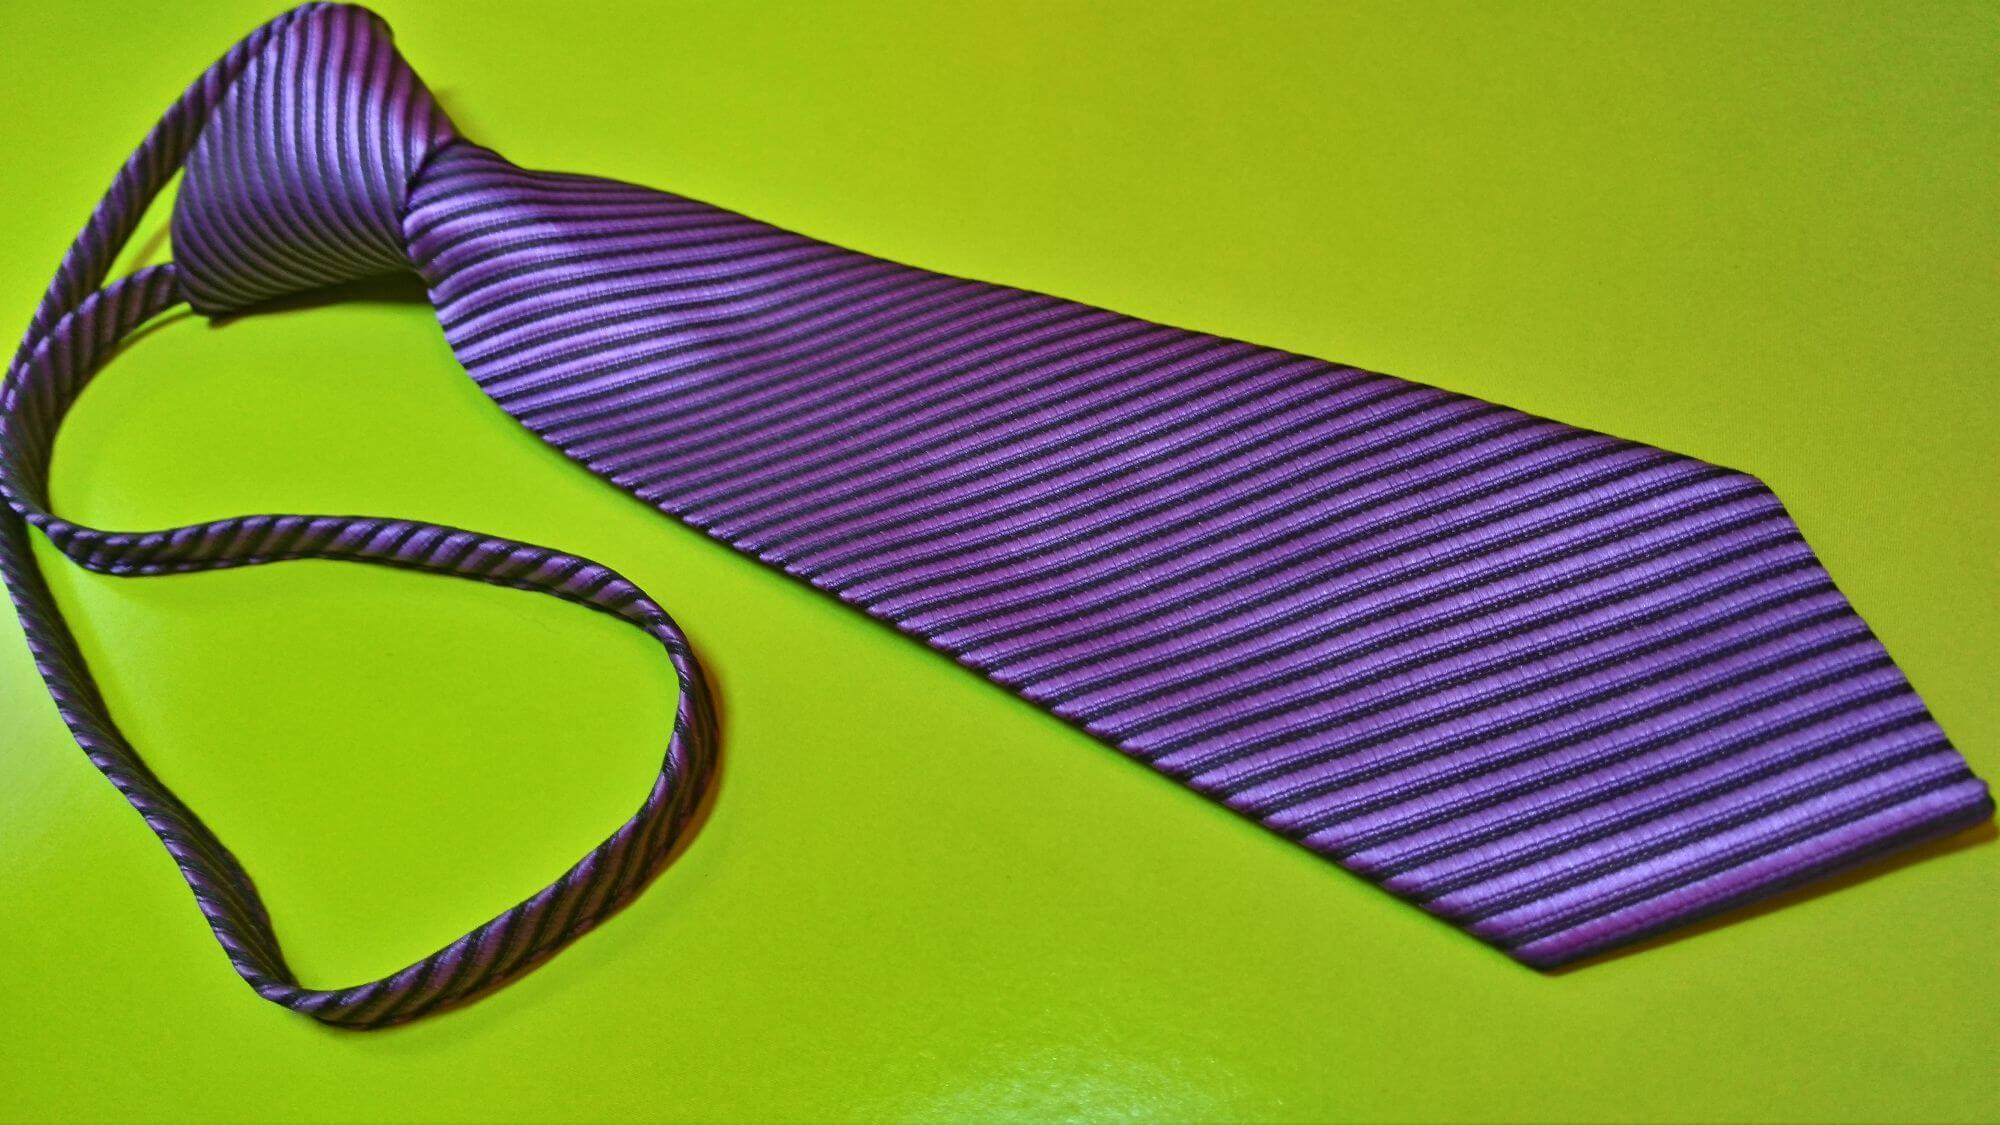 Как правильно постирать и погладить галстук в домашних условиях